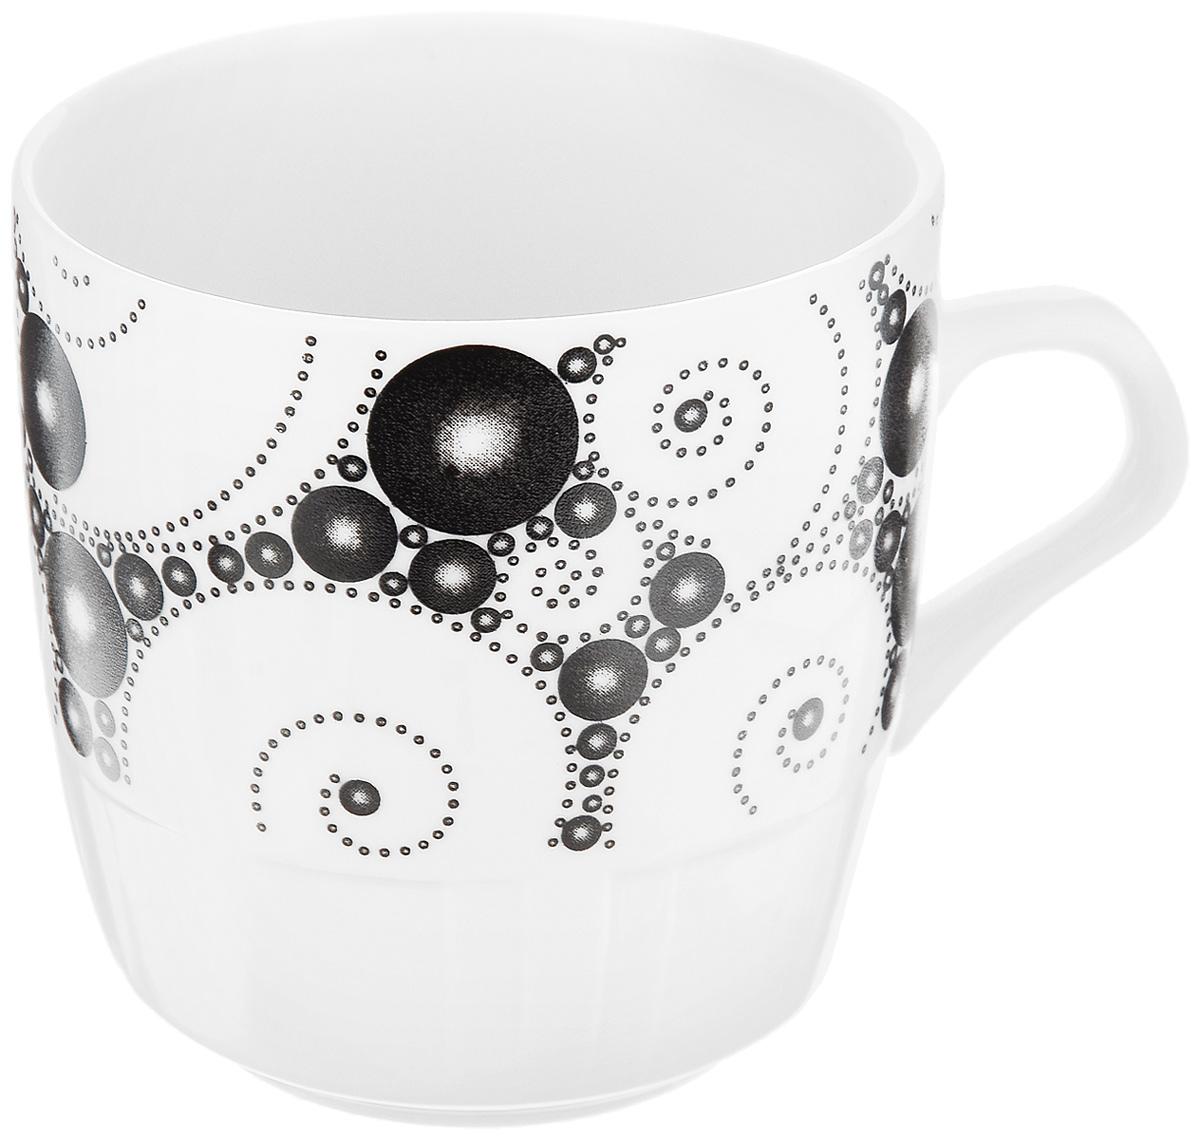 Кружка Фарфор Вербилок Жемчужный, 250 мл1371640Кружка Фарфор Вербилок Жемчужный способна скрасить любое чаепитие. Изделие выполнено из высококачественного фарфора. Посуда из такого материала позволяет сохранить истинный вкус напитка, а также помогает ему дольше оставаться теплым.Диаметр по верхнему краю: 8 см.Высота кружки: 8,5 см.